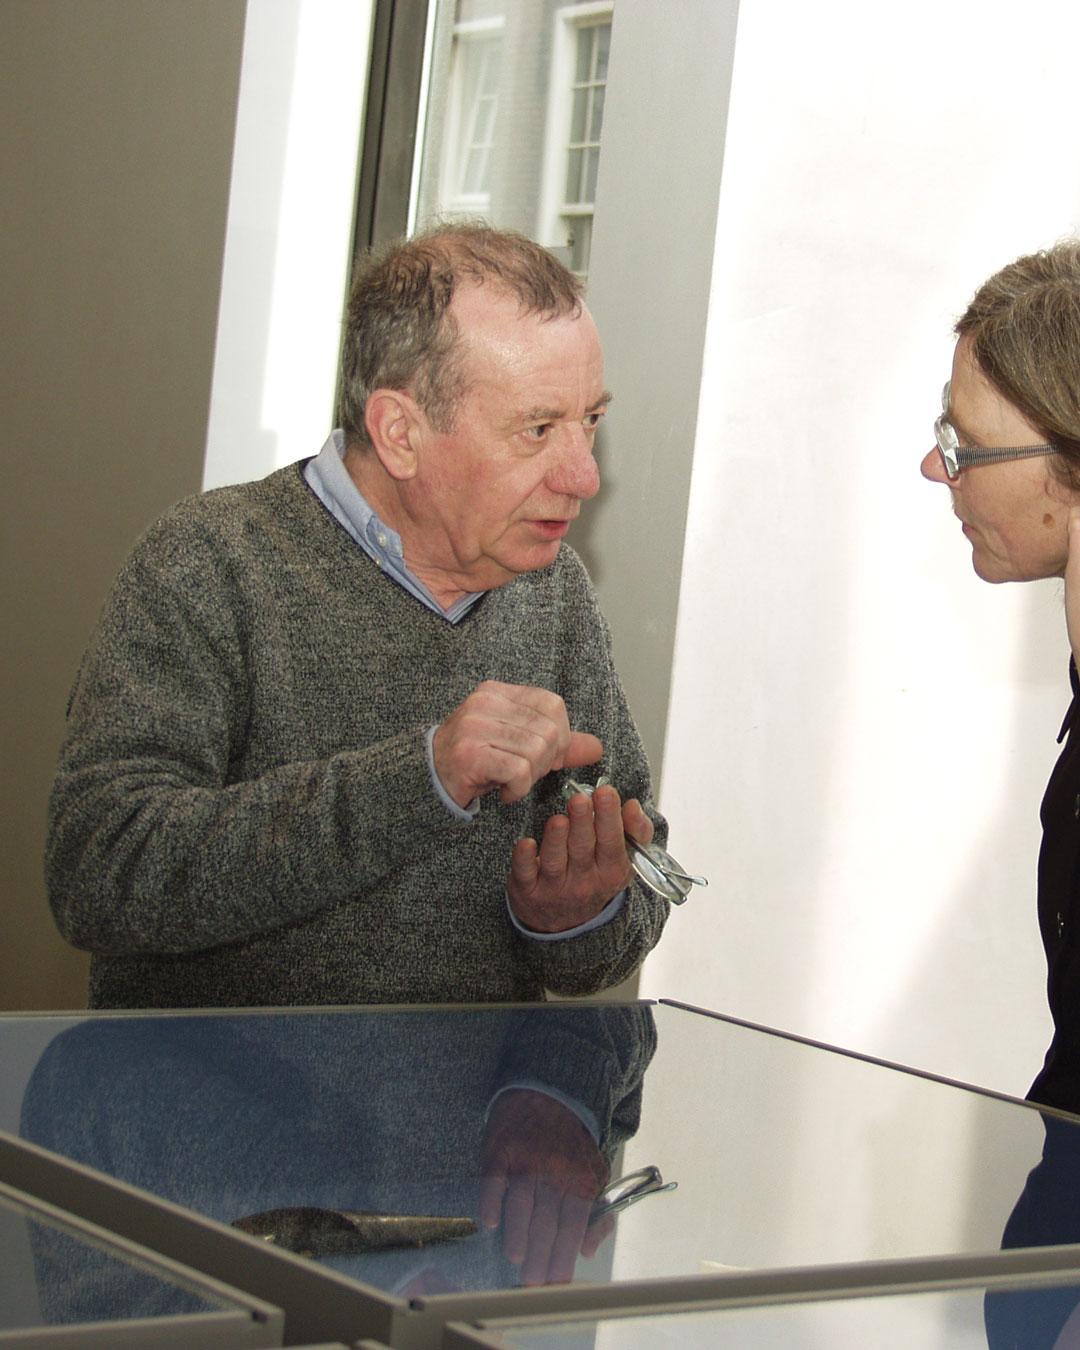 Francesco Pavan and Annelies Planteijdt, 2004